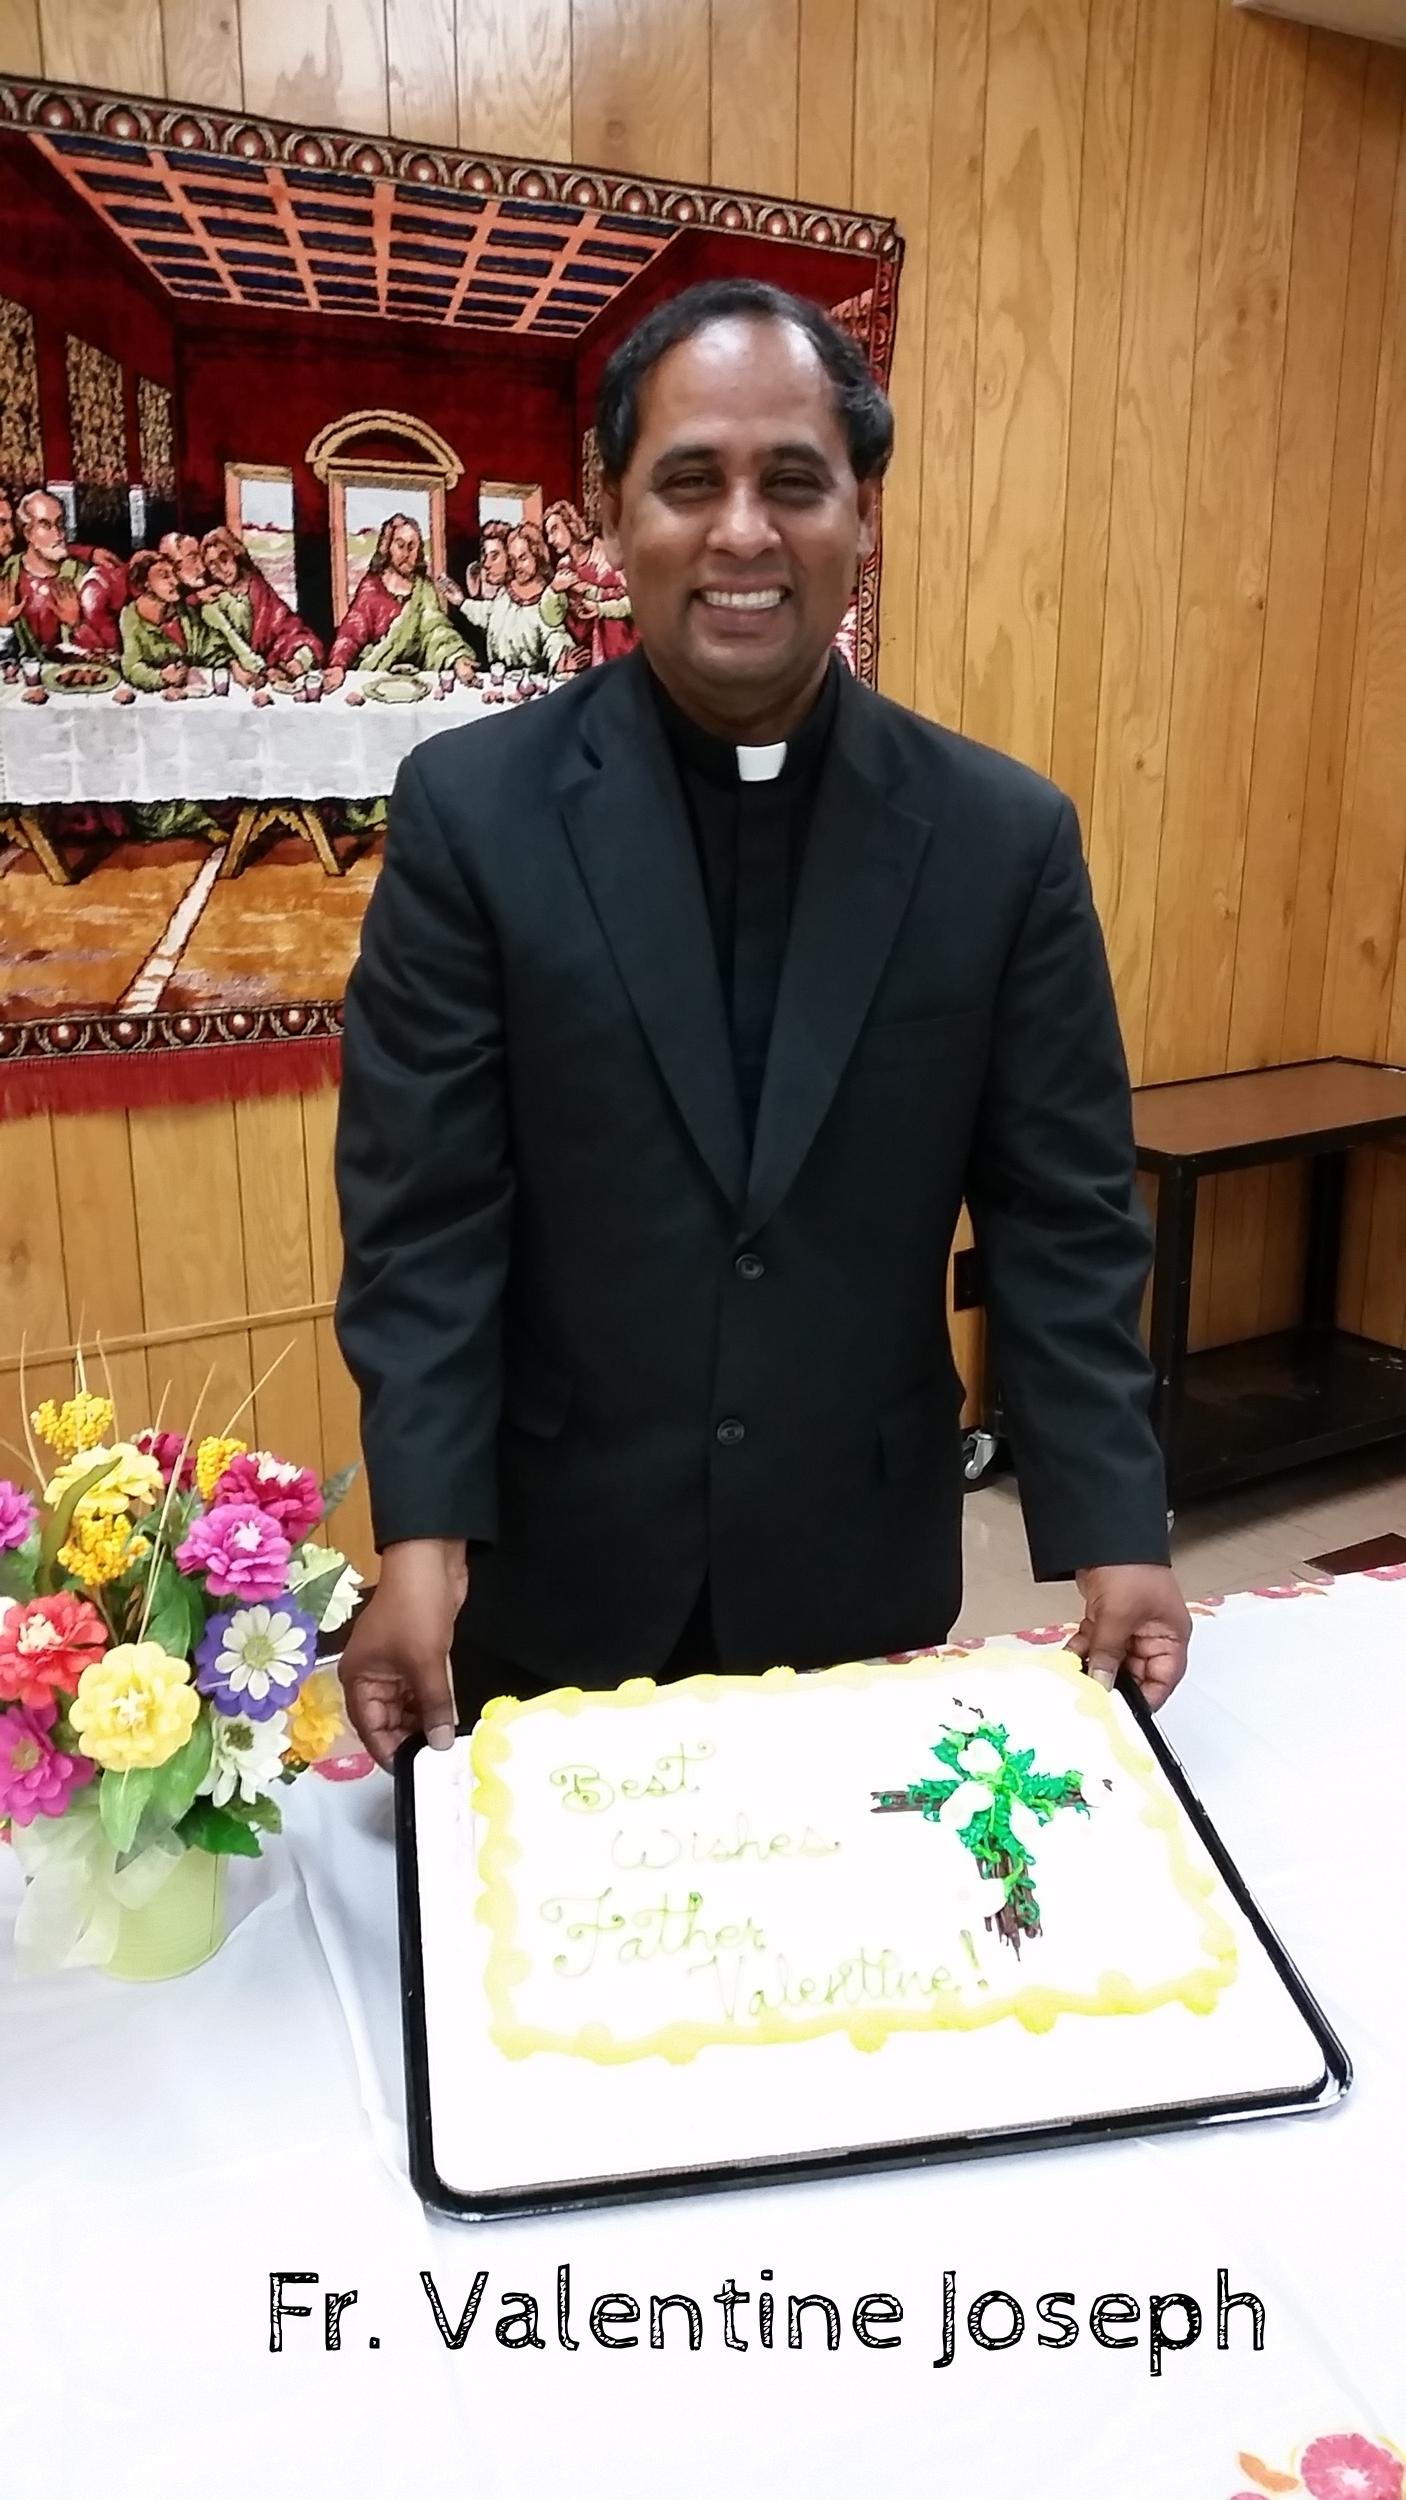 Father Valentine Joseph